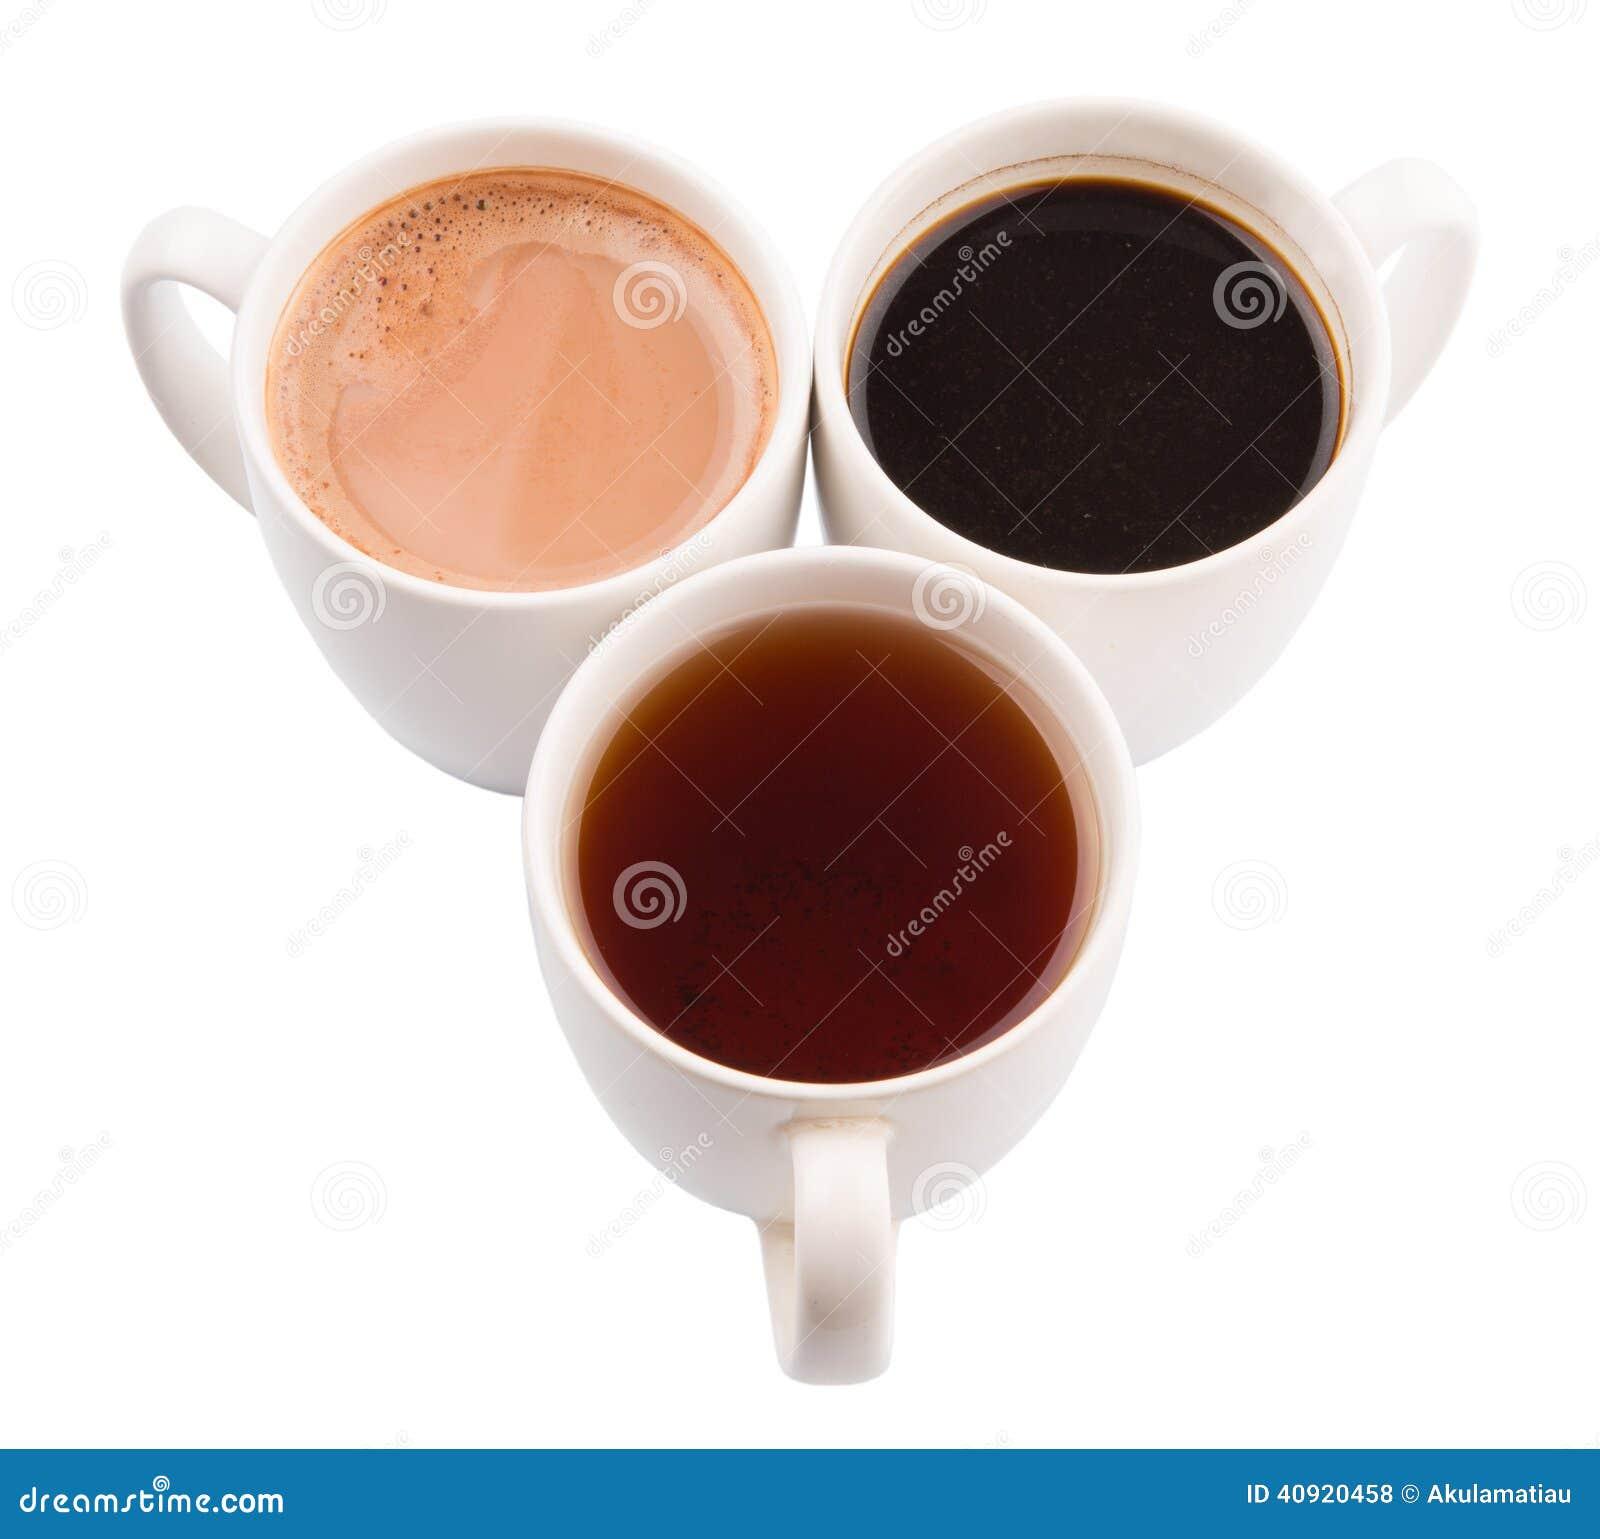 White Hot Chocolate Caffeine Free